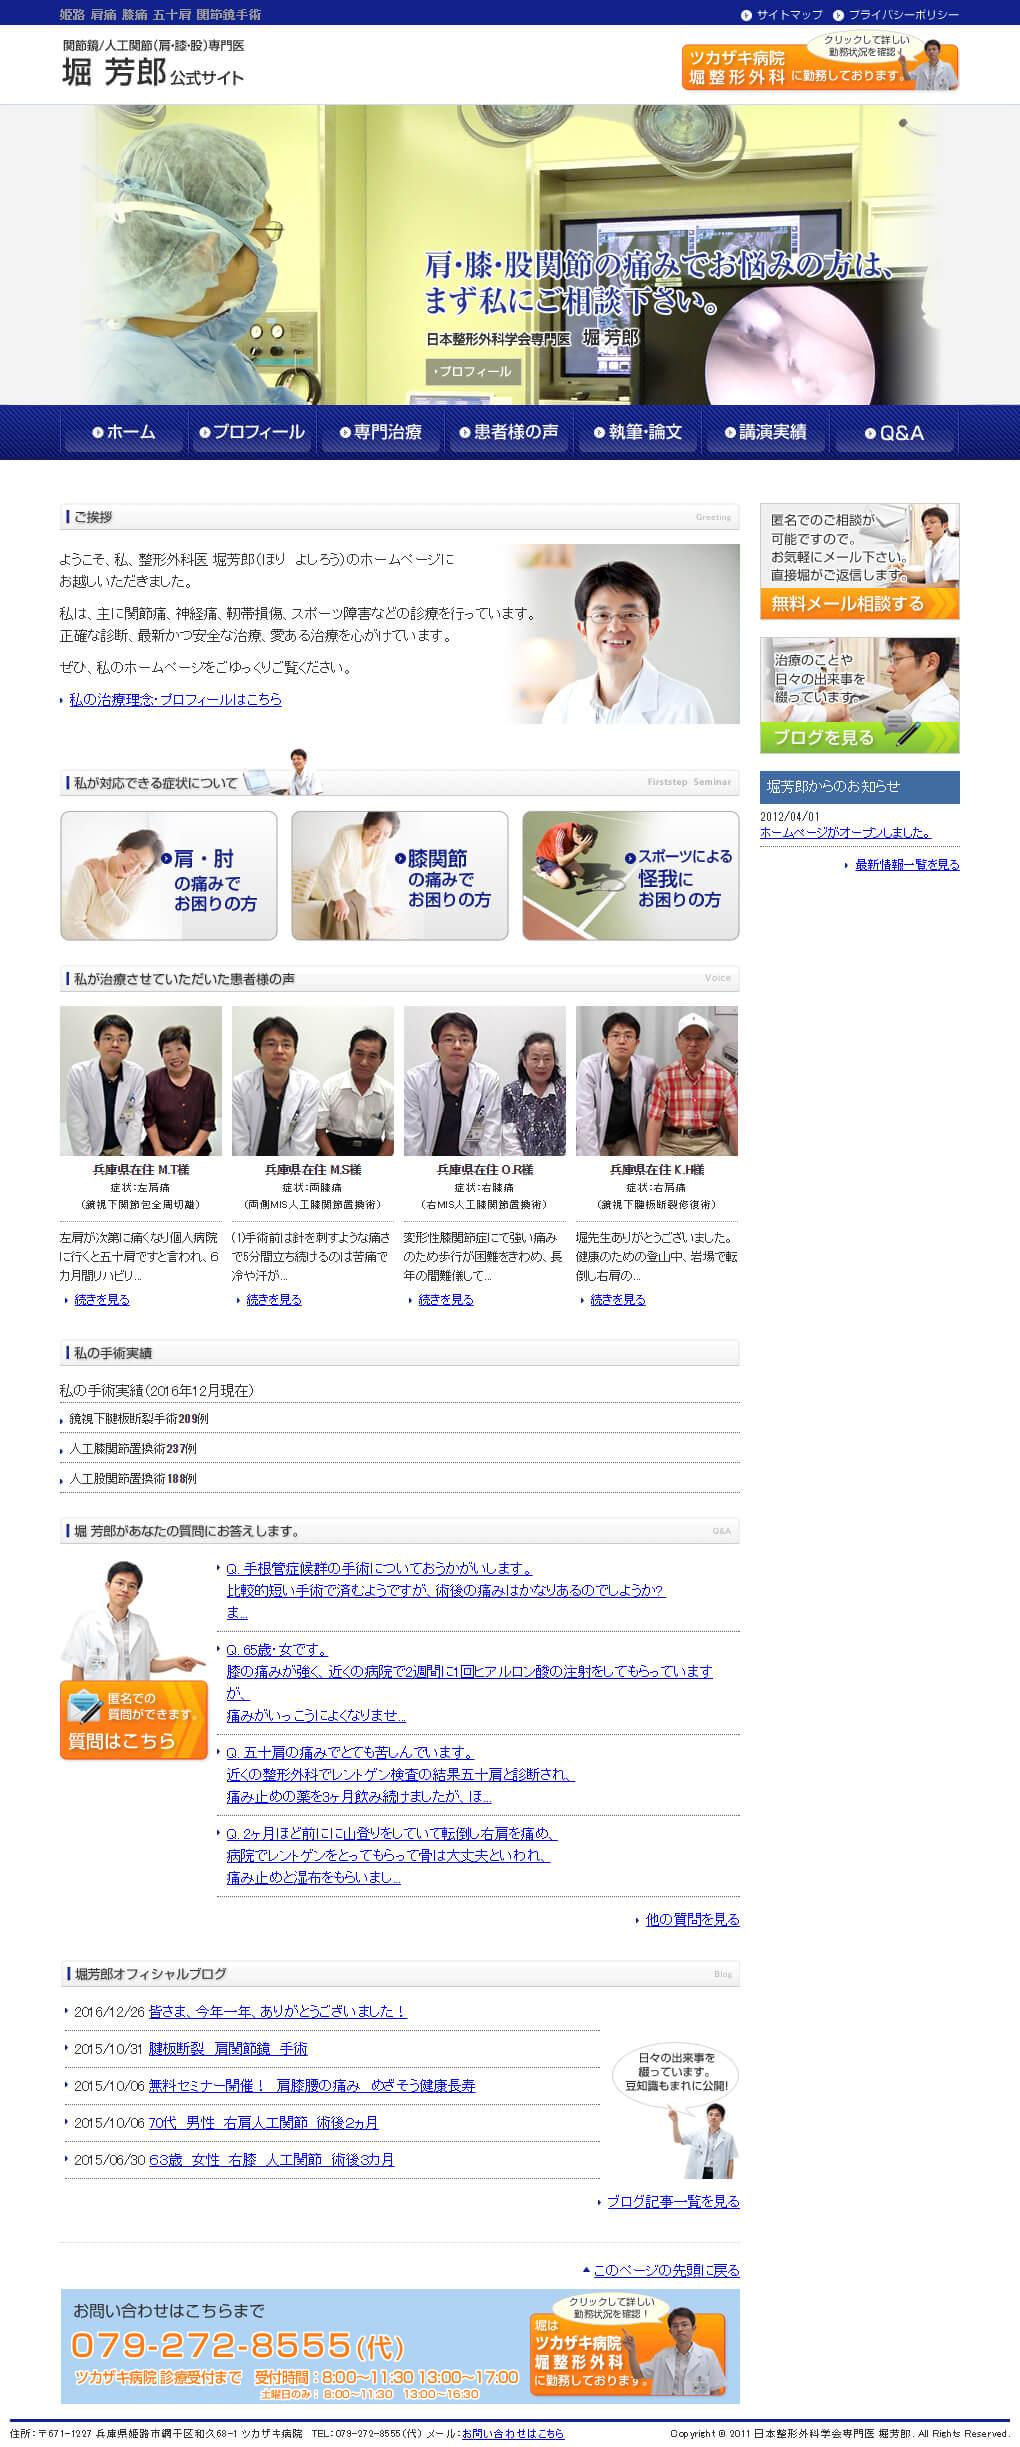 たつの市 堀 芳郎 公式サイト ホームページ制作1